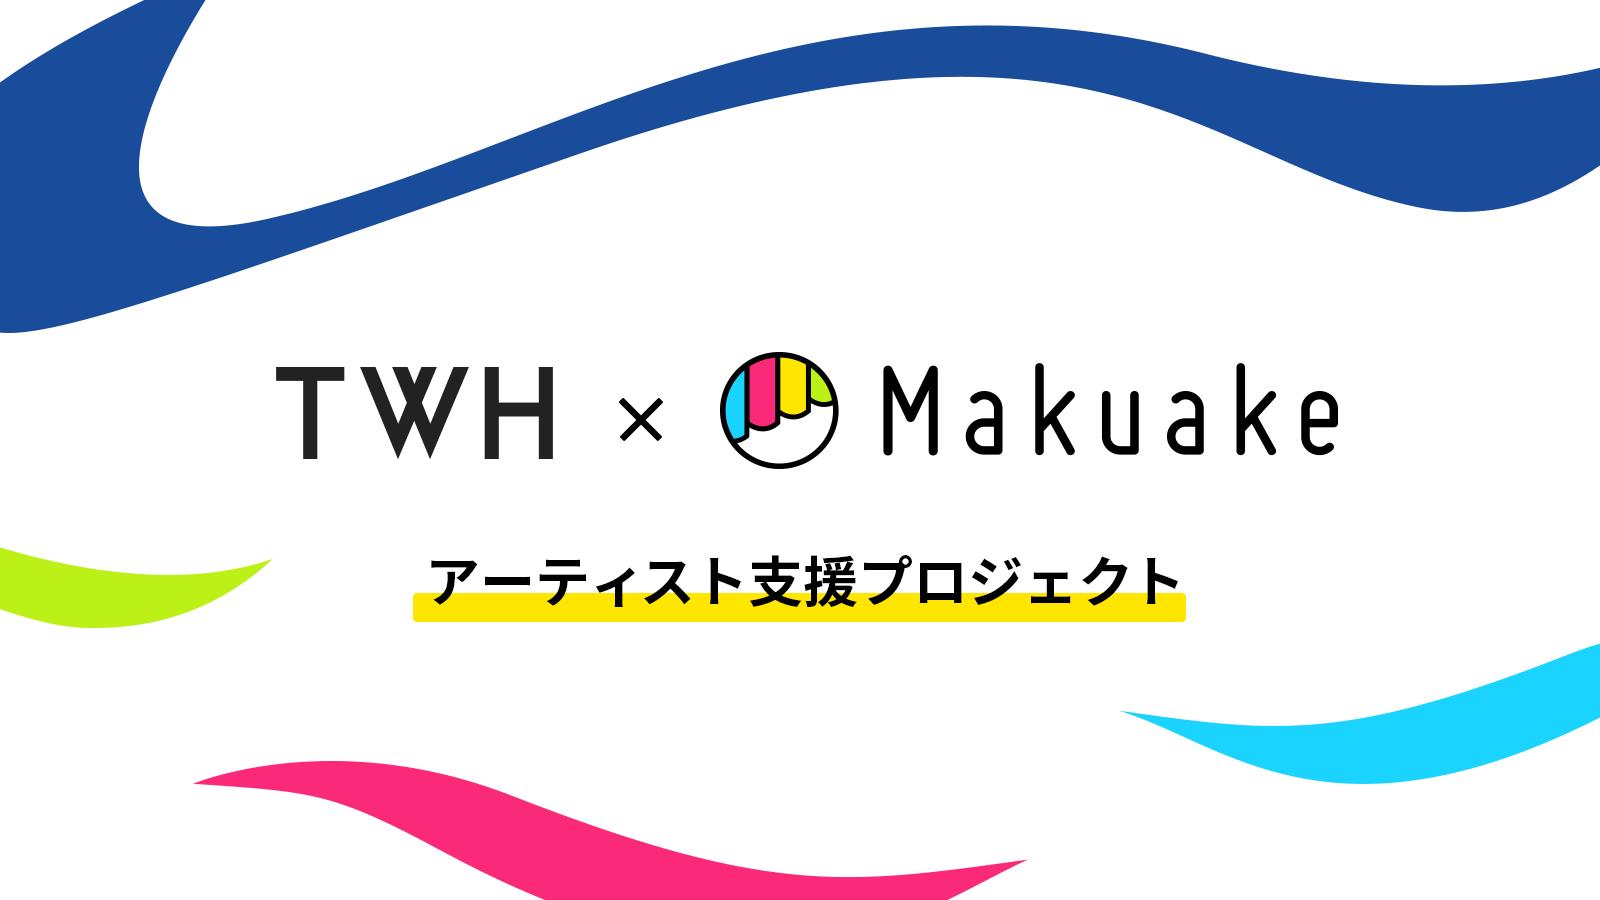 TWH×Makuakeが新型コロナウイルスの影響を受けているアーティストへの支援プロジェクトをスタートサムネイル画像